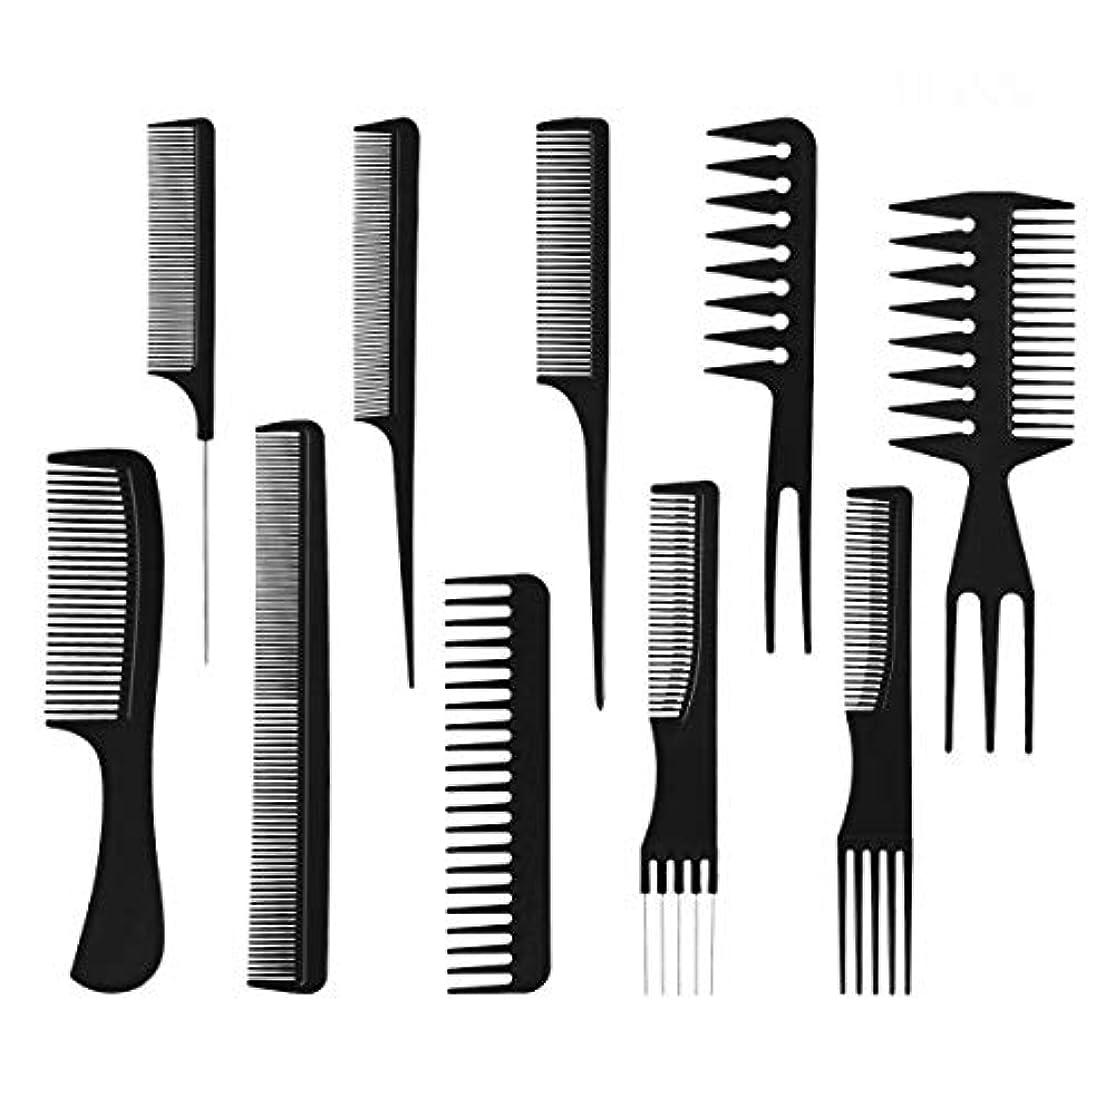 泥元に戻すハングZHER-LU ヘアブラシ ヘアコーム 髪櫛 プラスチック 理髪道具 美容ツール 美髪セット 美容 理容 散髪 美容師 専用 家庭用 静電気防止 ブラック 10本セット